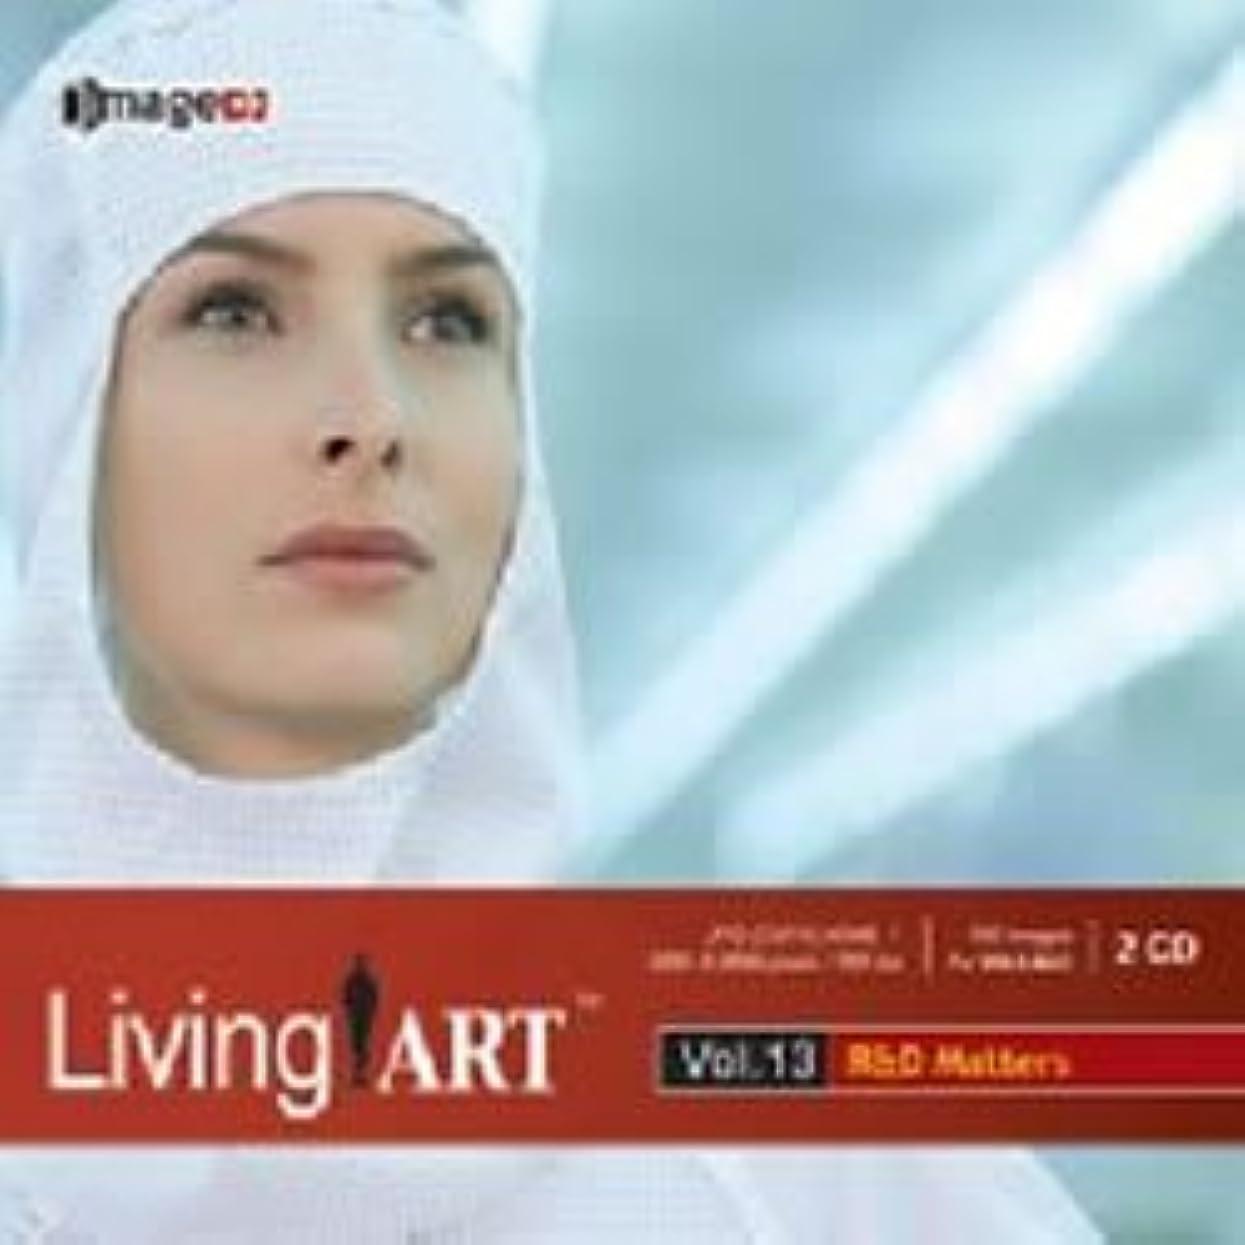 からに変化する血バリケードリビングアート Vol.13 研究開発